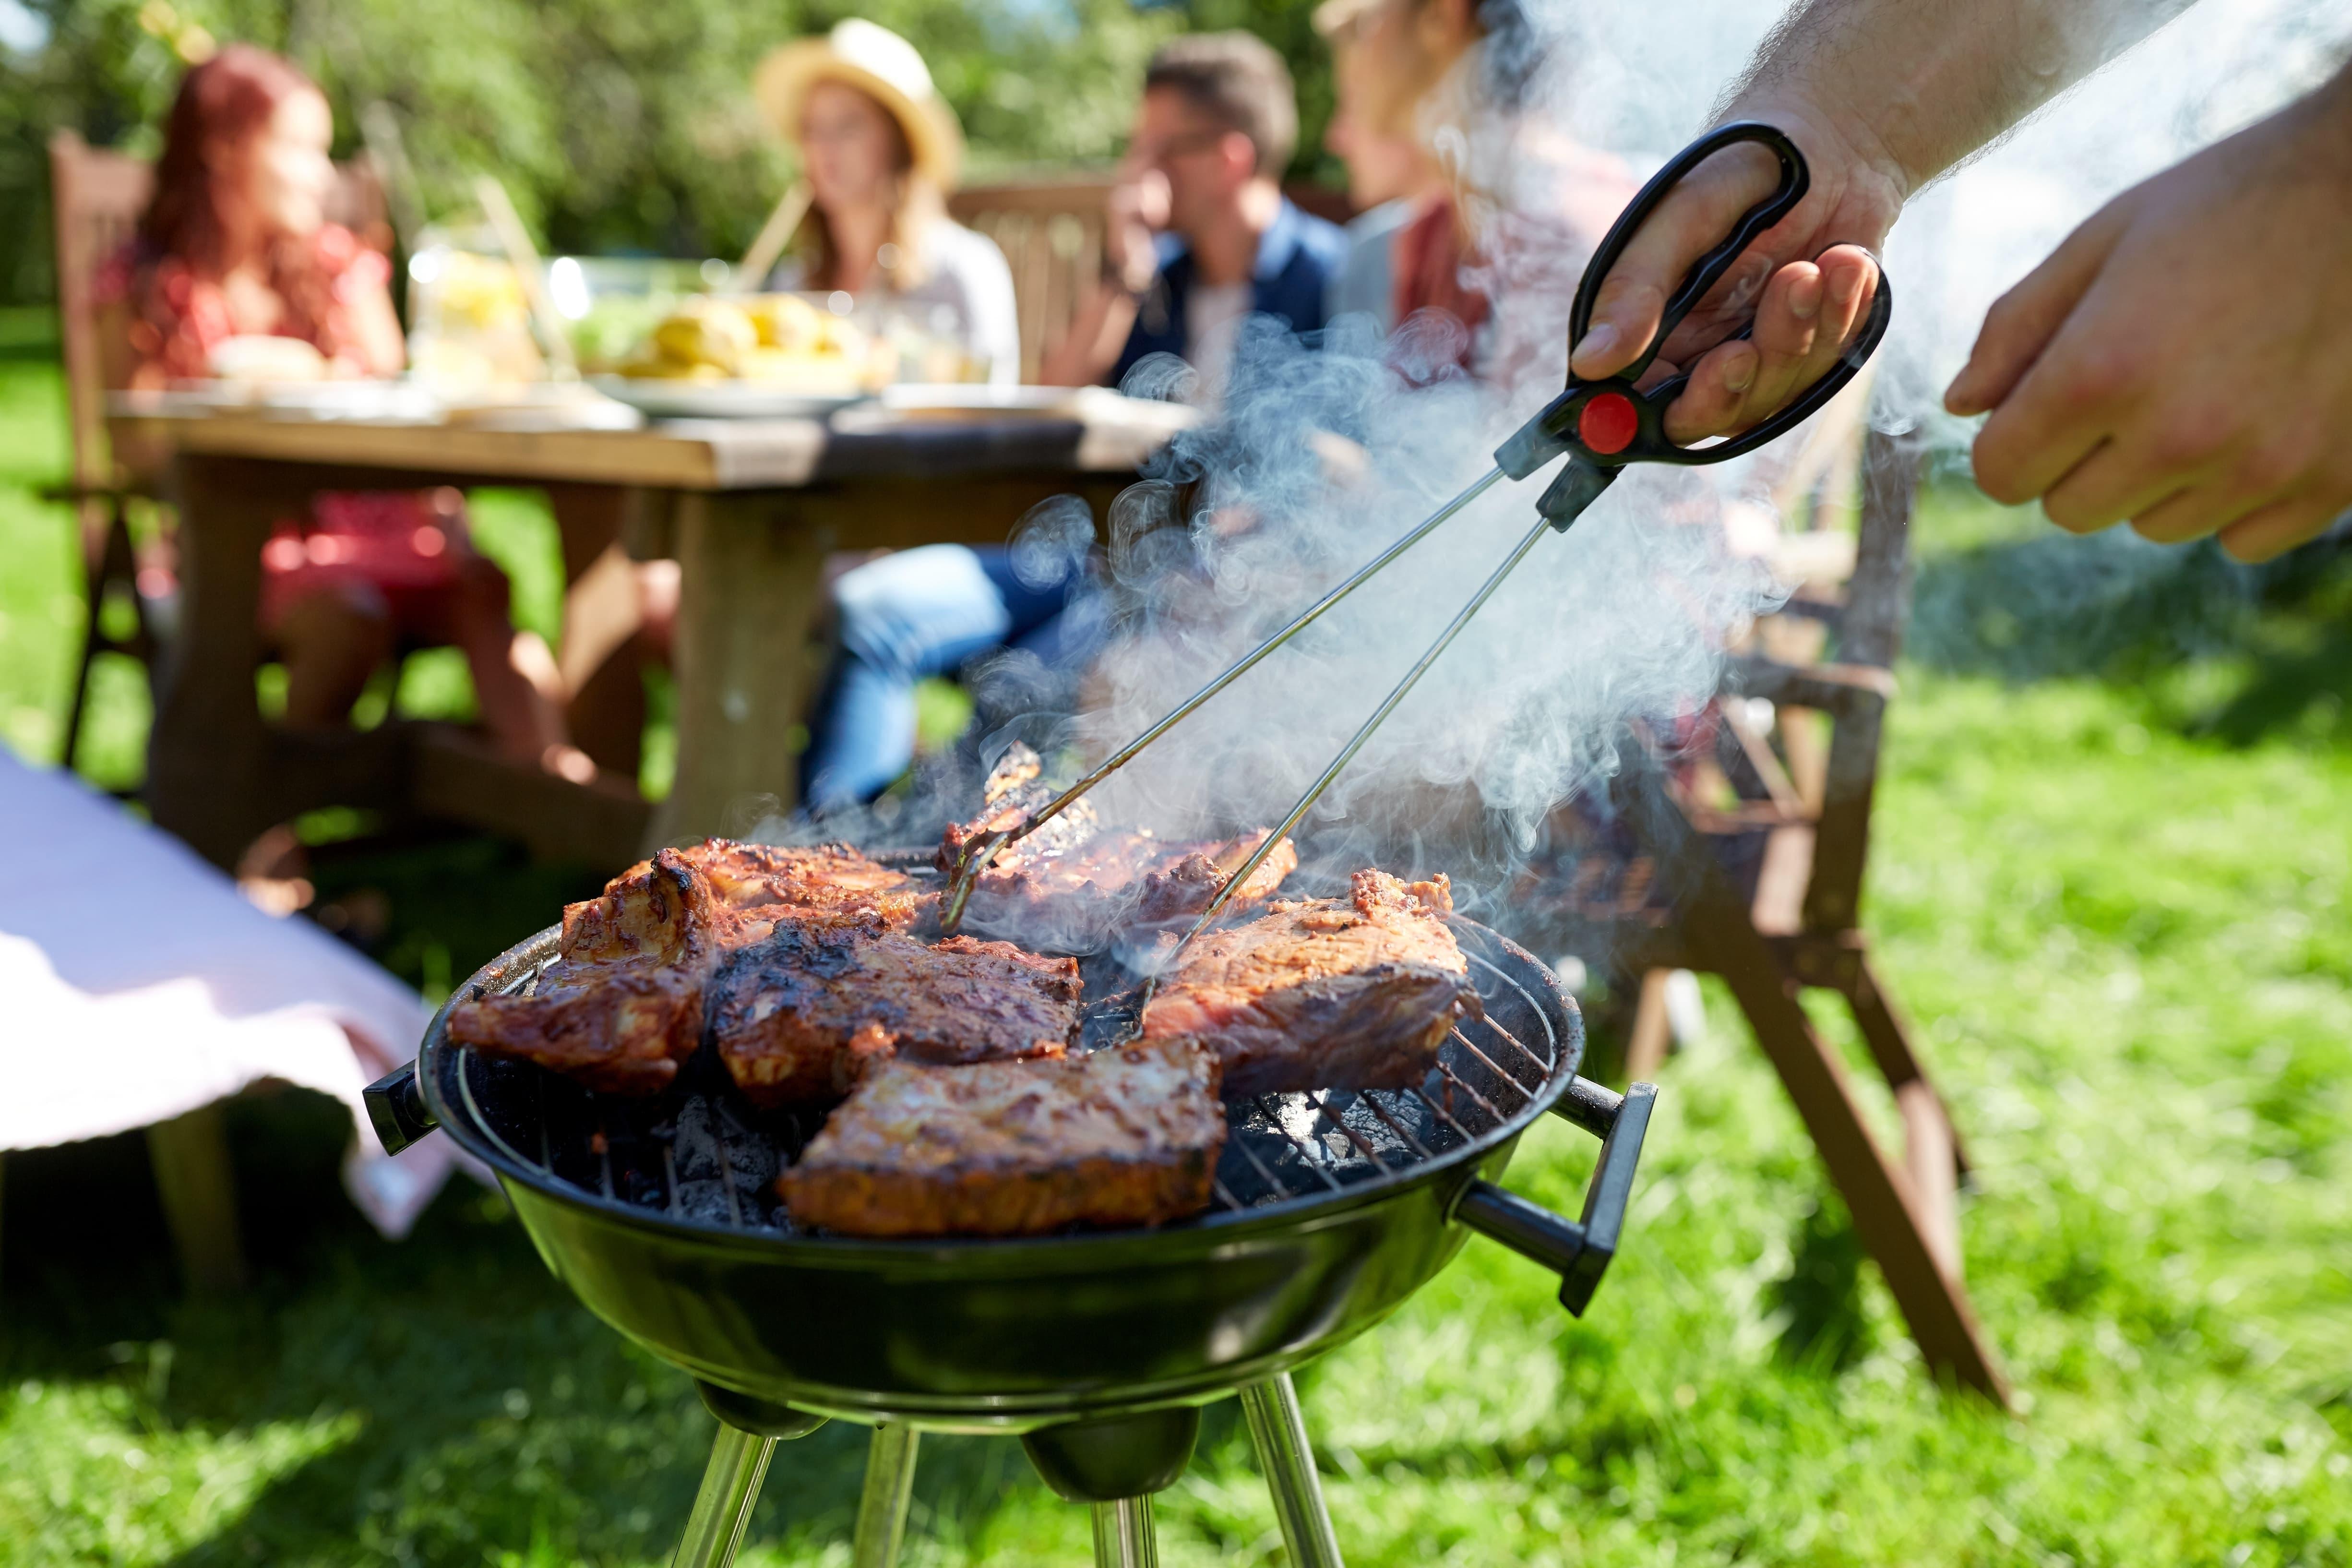 Gas Oder Holzkohlegrill Unterschied : Start der grillsaison gas elektro oder holzkohlegrill?